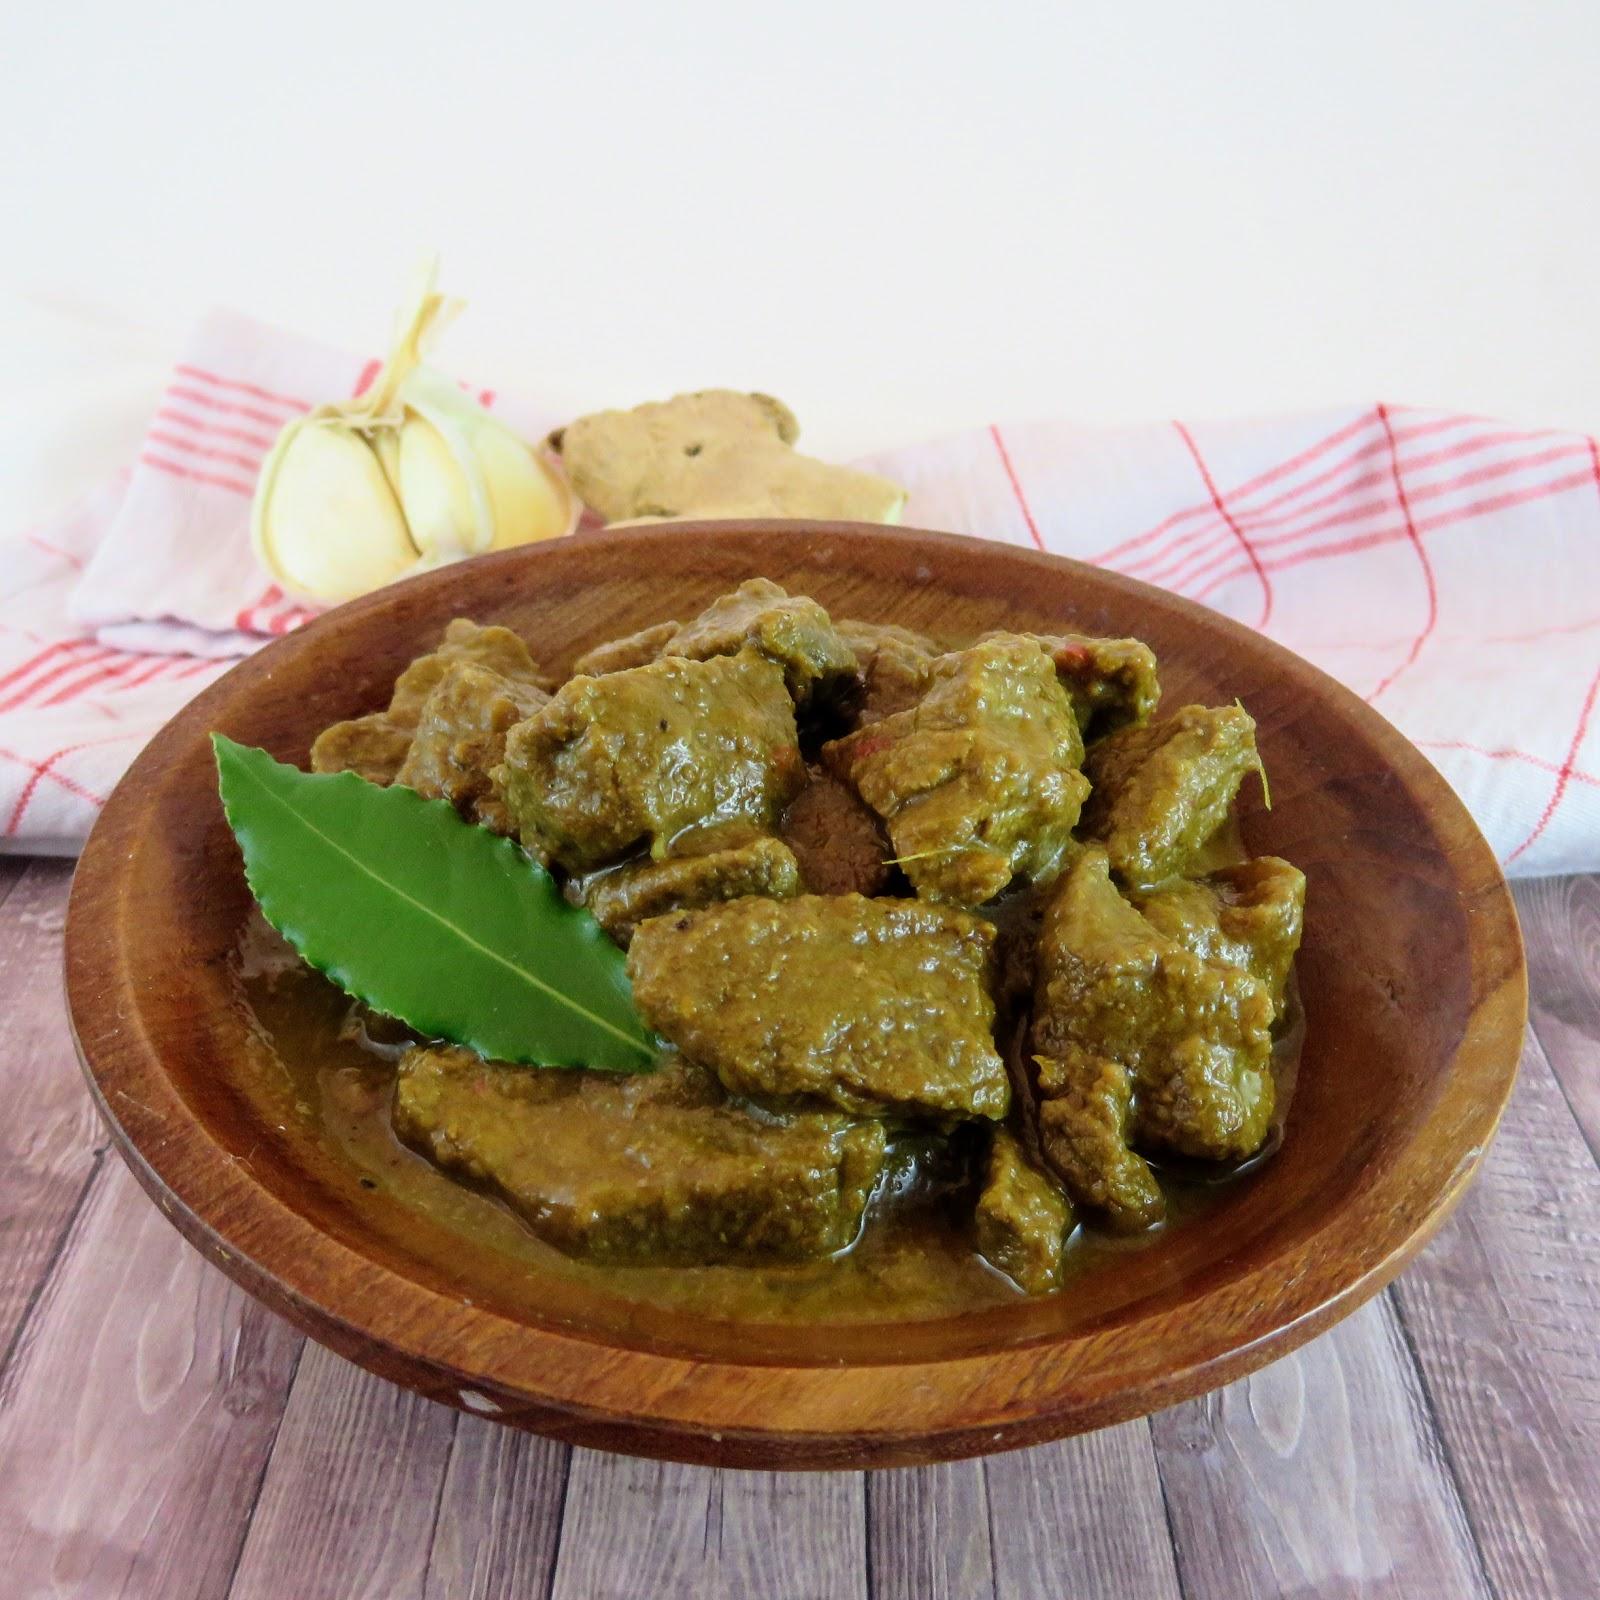 Rendang indonesisch kochen